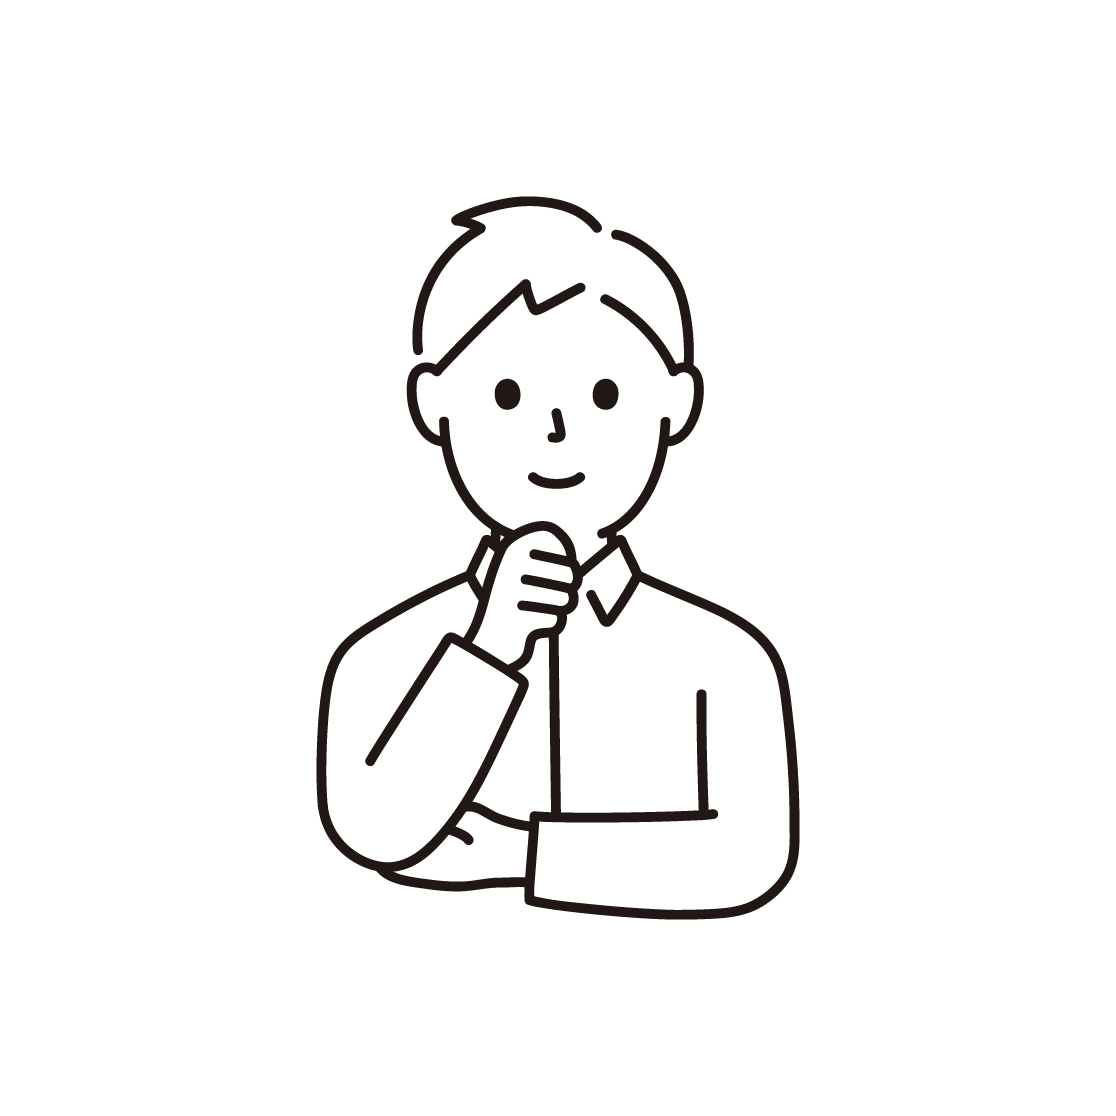 顎に手を当てる男性の線画イラスト